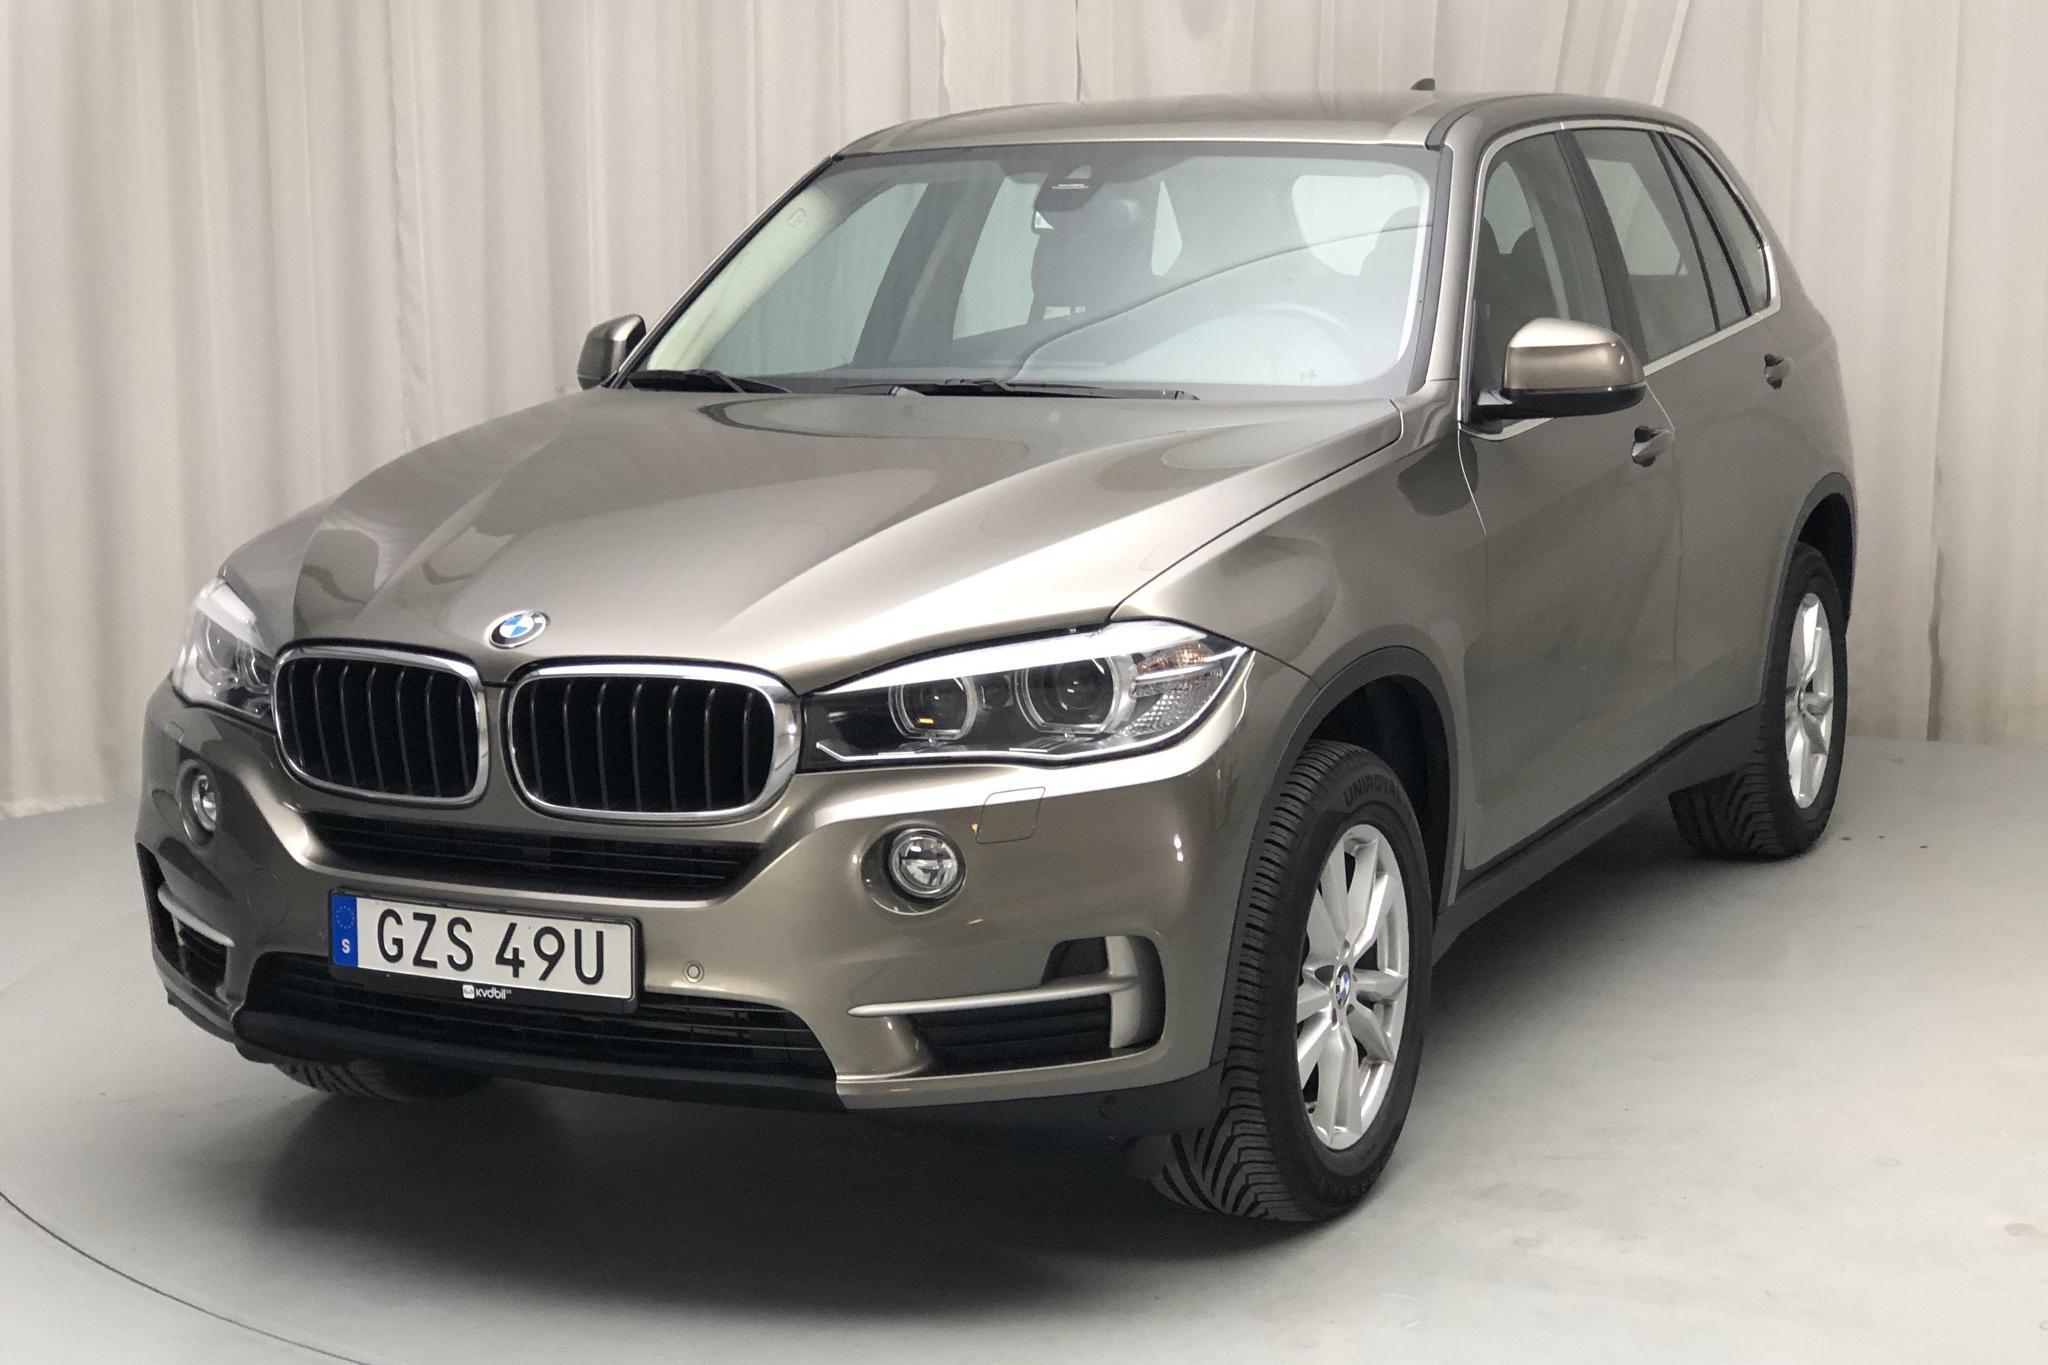 BMW X5 xDrive25d, F15 (231hk) - 6 524 mil - Automat - grå - 2017